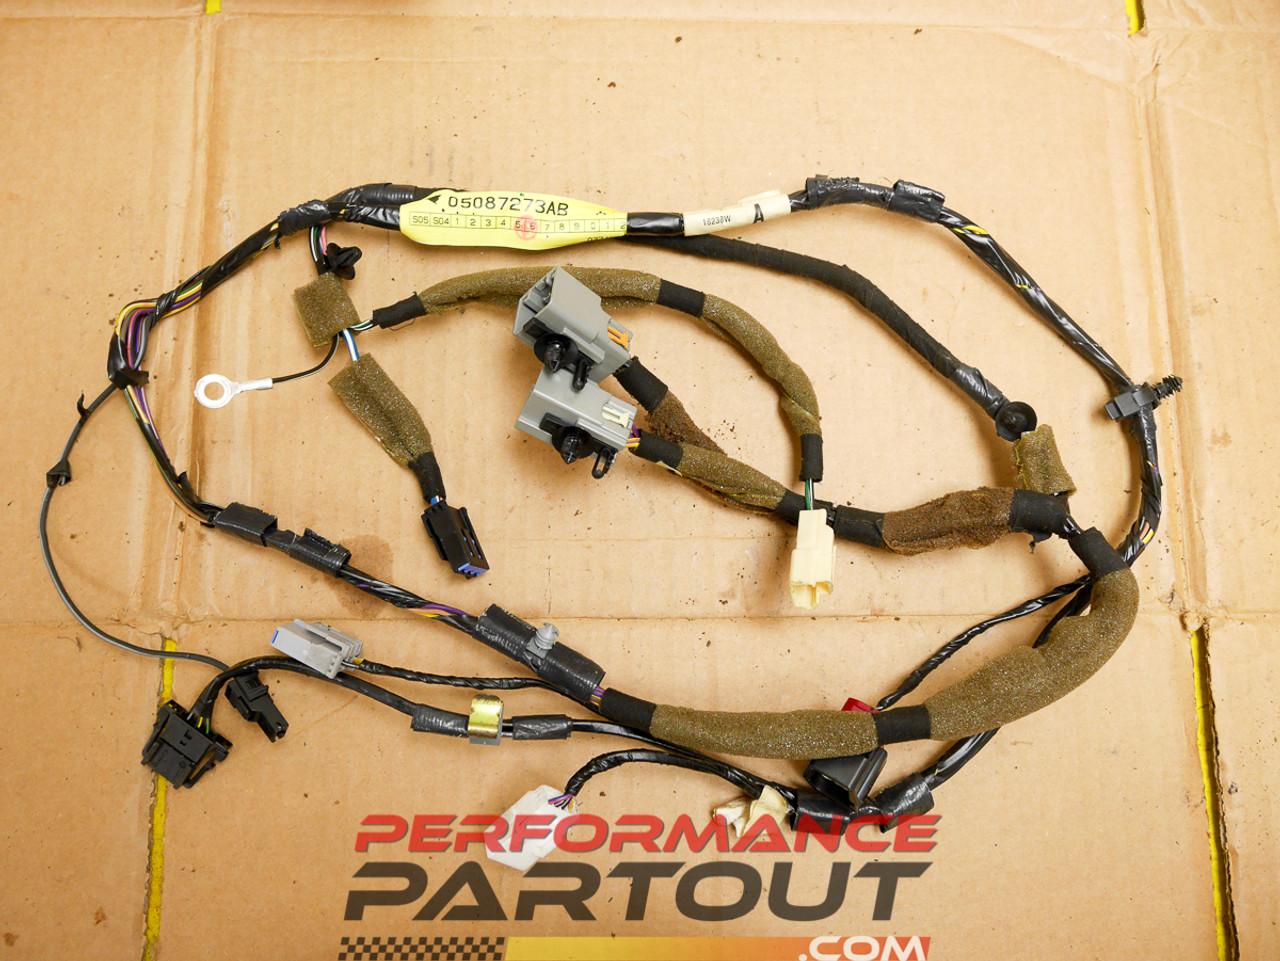 Hatch trunk wiring harness Mopar 05-07 on